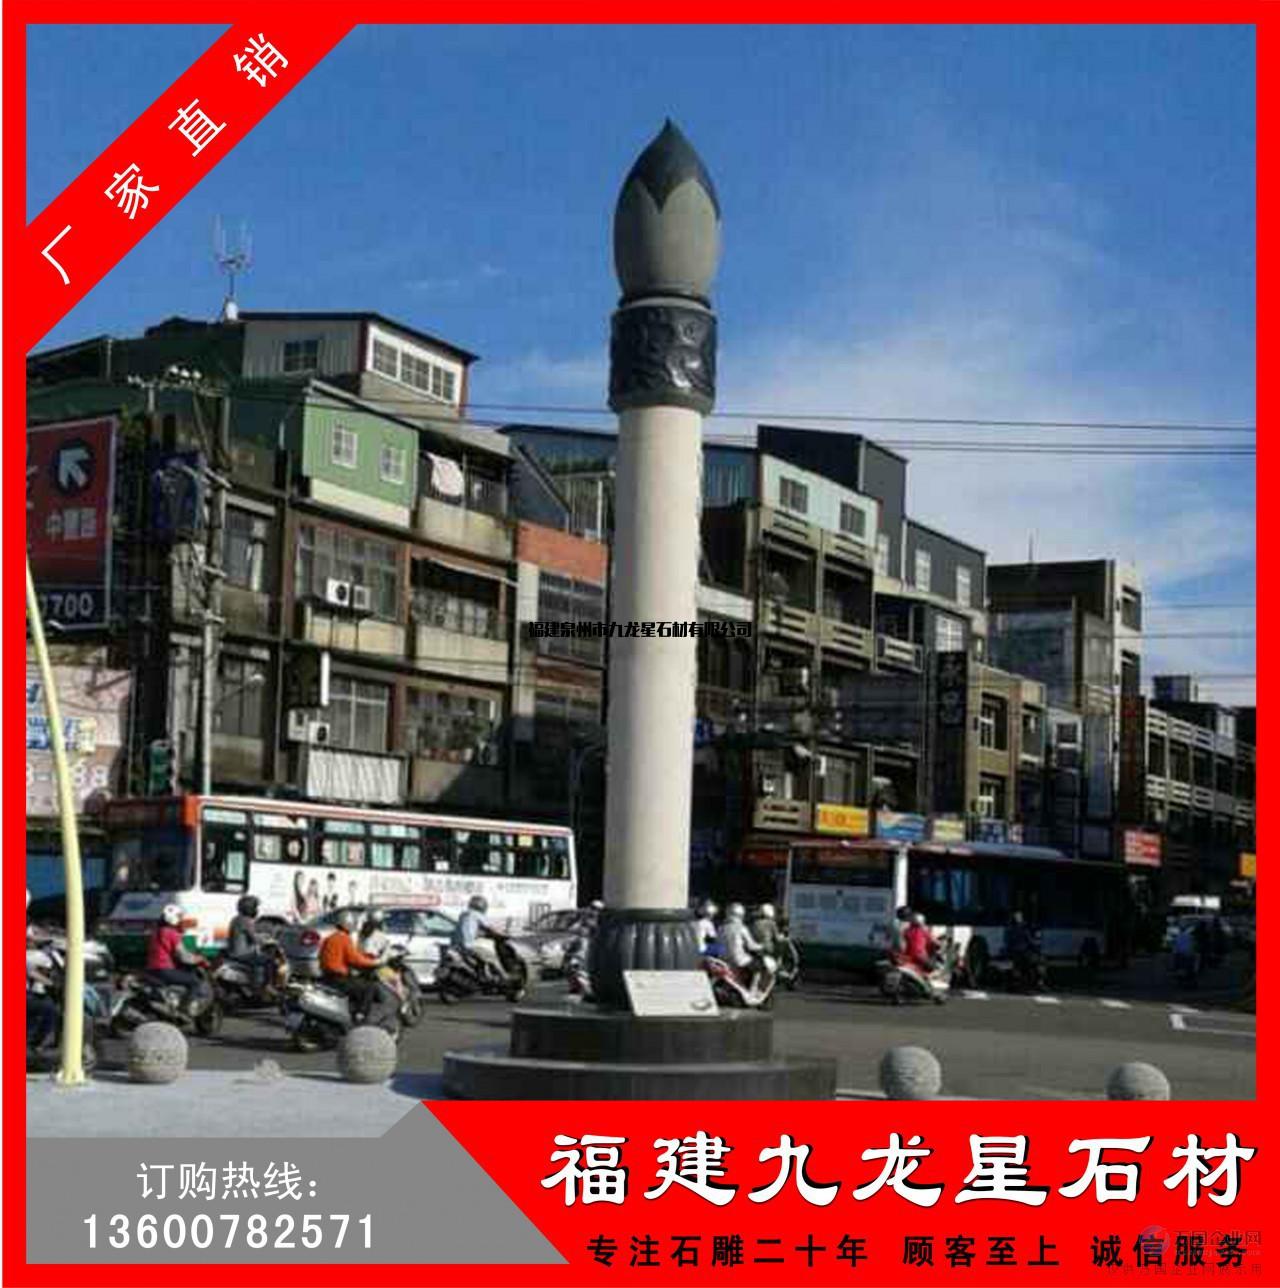 6米石雕毛笔雕刻 毛笔石雕城市雕塑案例 石雕砚台